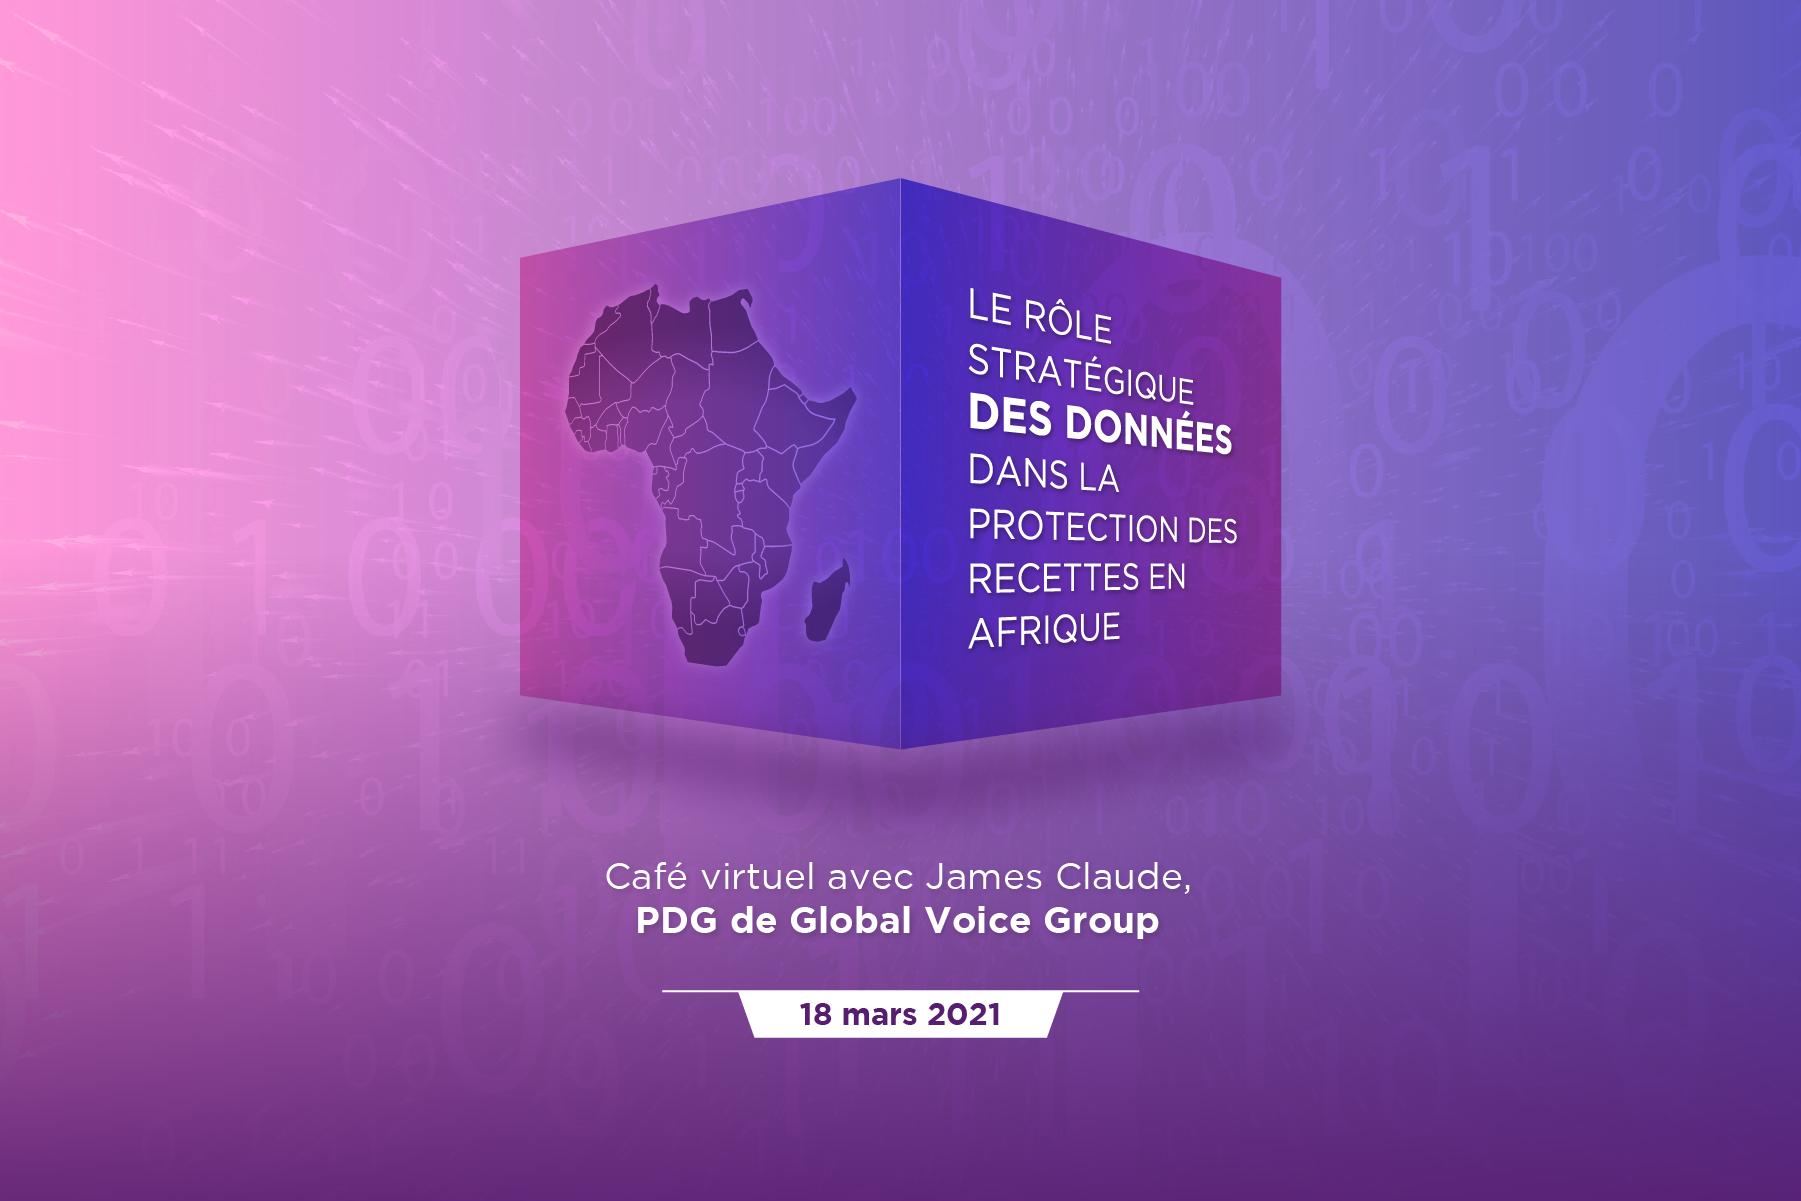 Le Rôle Stratégique Des Données Dans La Protection Des Recettes En Afrique